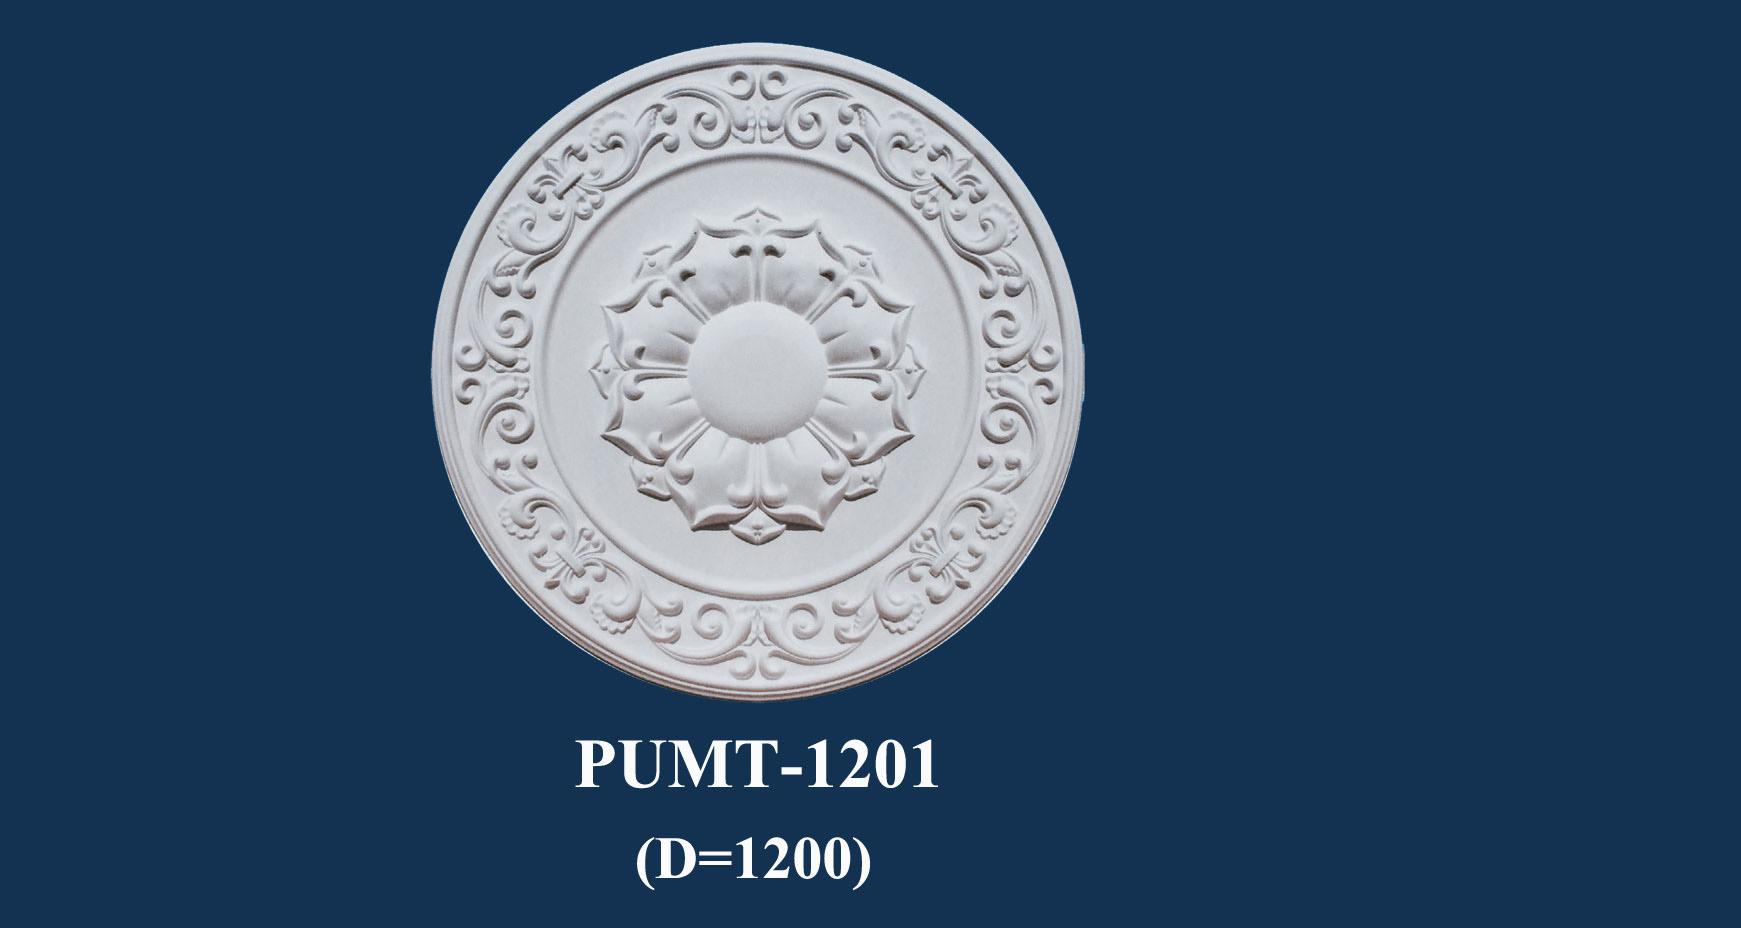 Mâm Trần PU | PUMT - 1201